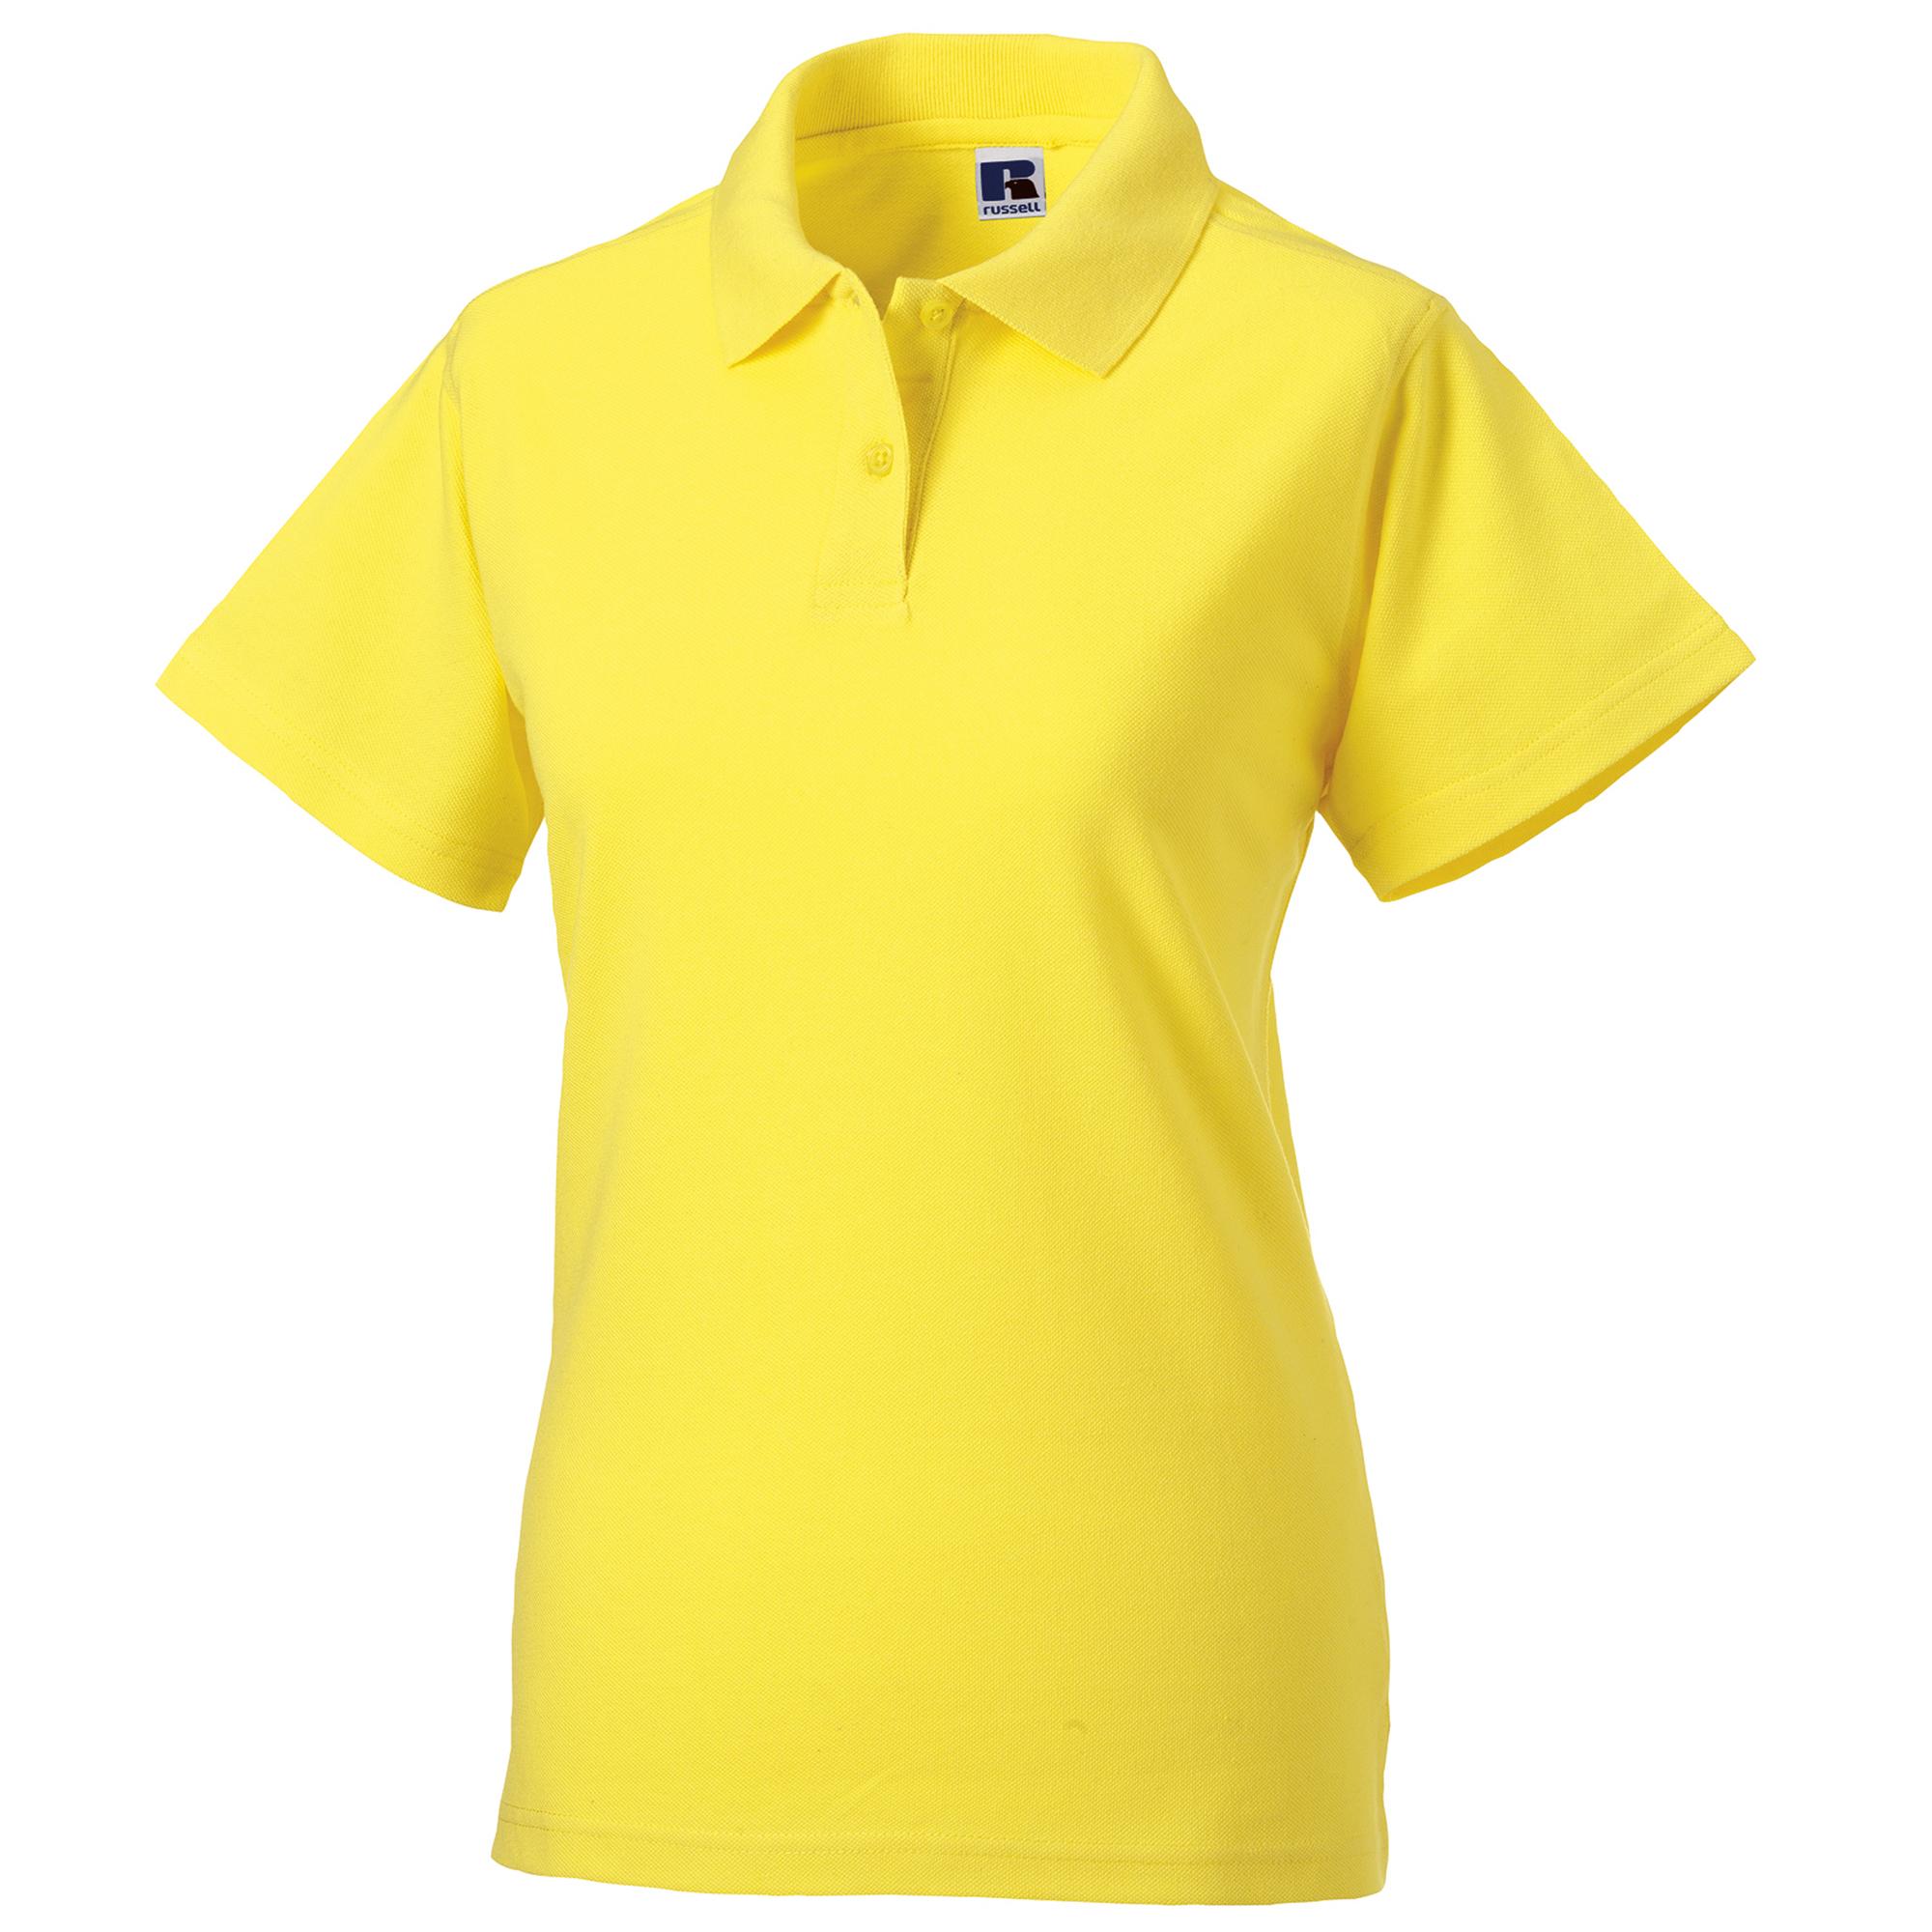 miniature 20 - Polo-uni-Russell-manches-courtes-100-coton-femme-et-fille-XS-2XL-RW3279